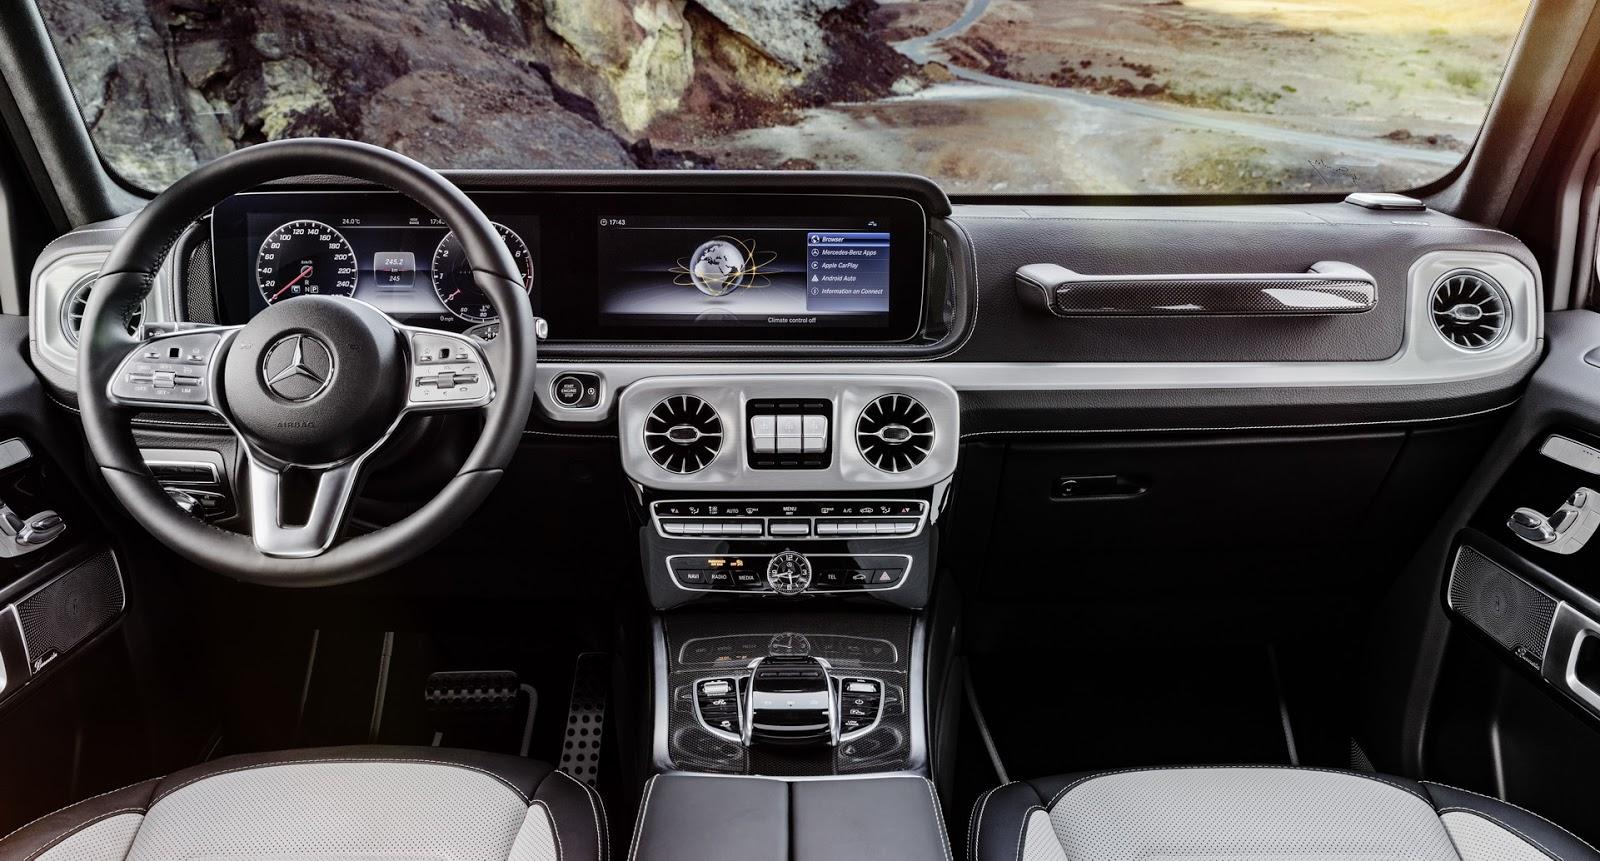 Mercedes-Benz G-Class 2018 (37)